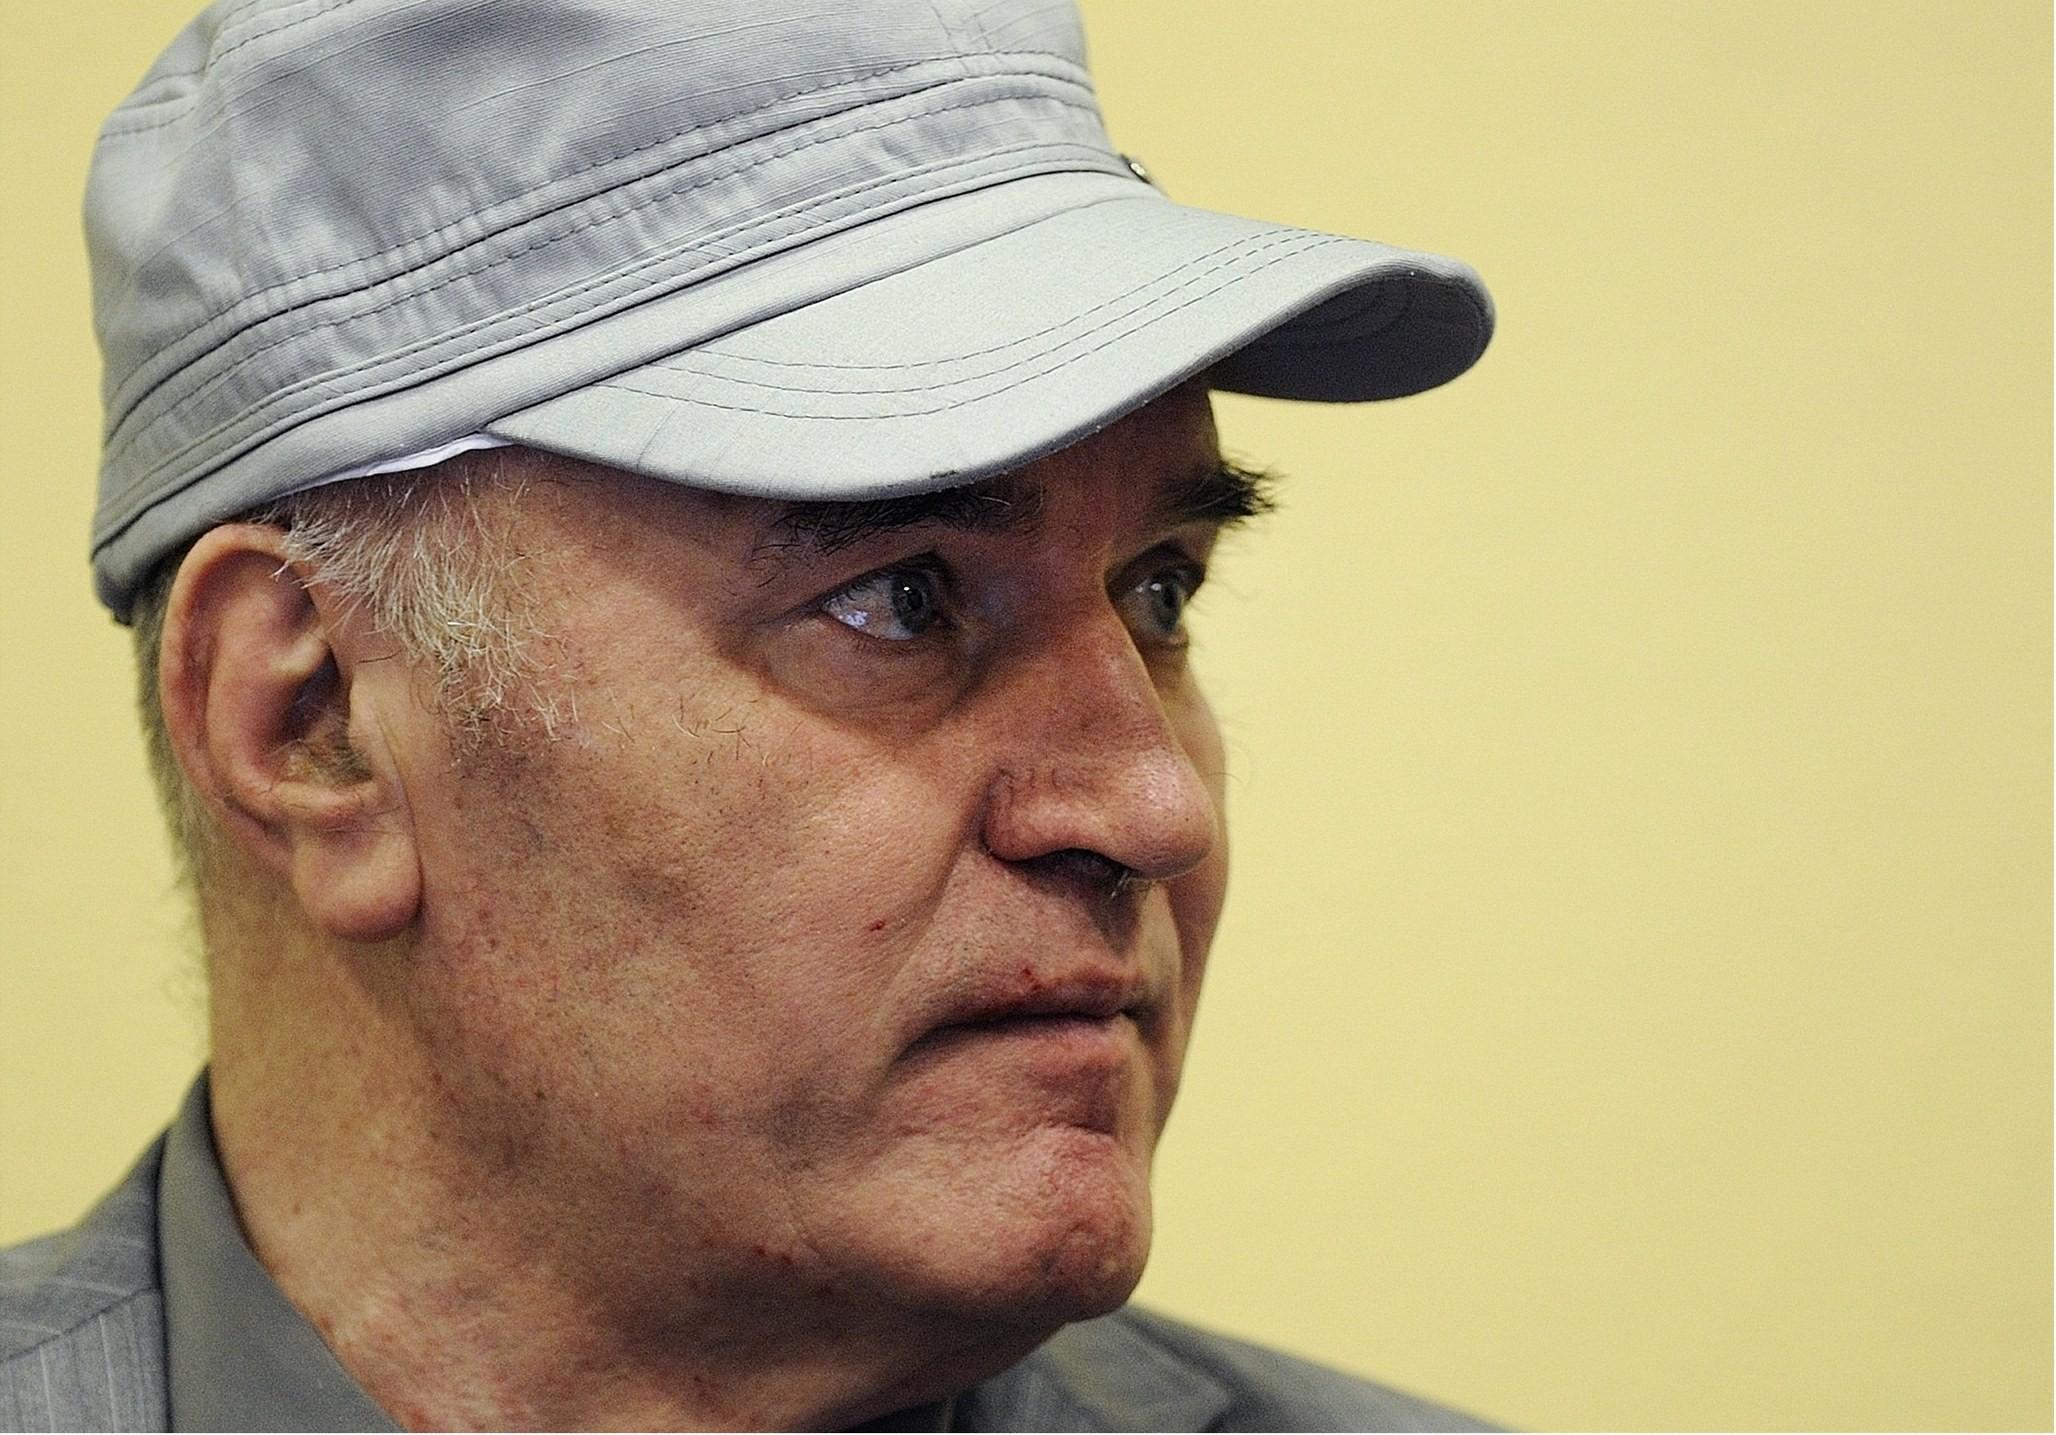 Участие генерала Младича всуде под вопросом из-за его здоровья, объявил сын